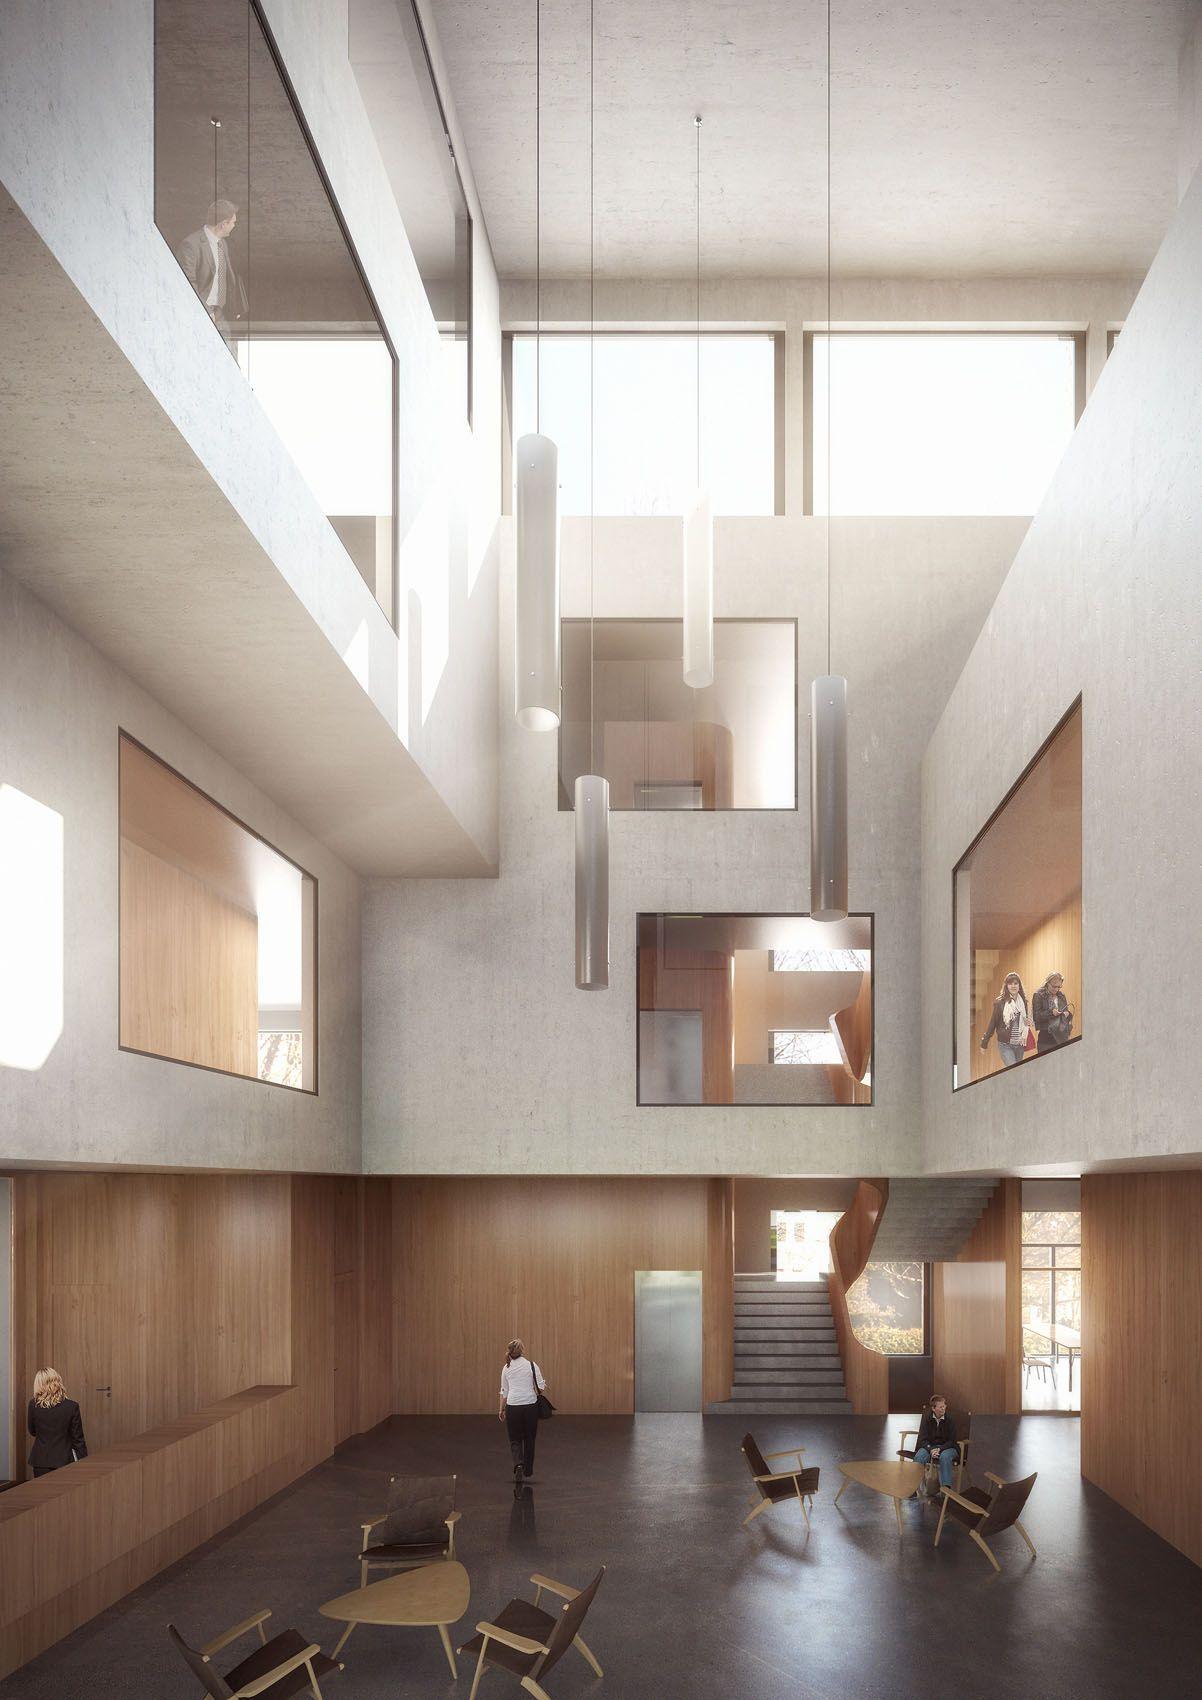 Zimmer Schmidt Architekten Verwaltungszentrum Grenchen